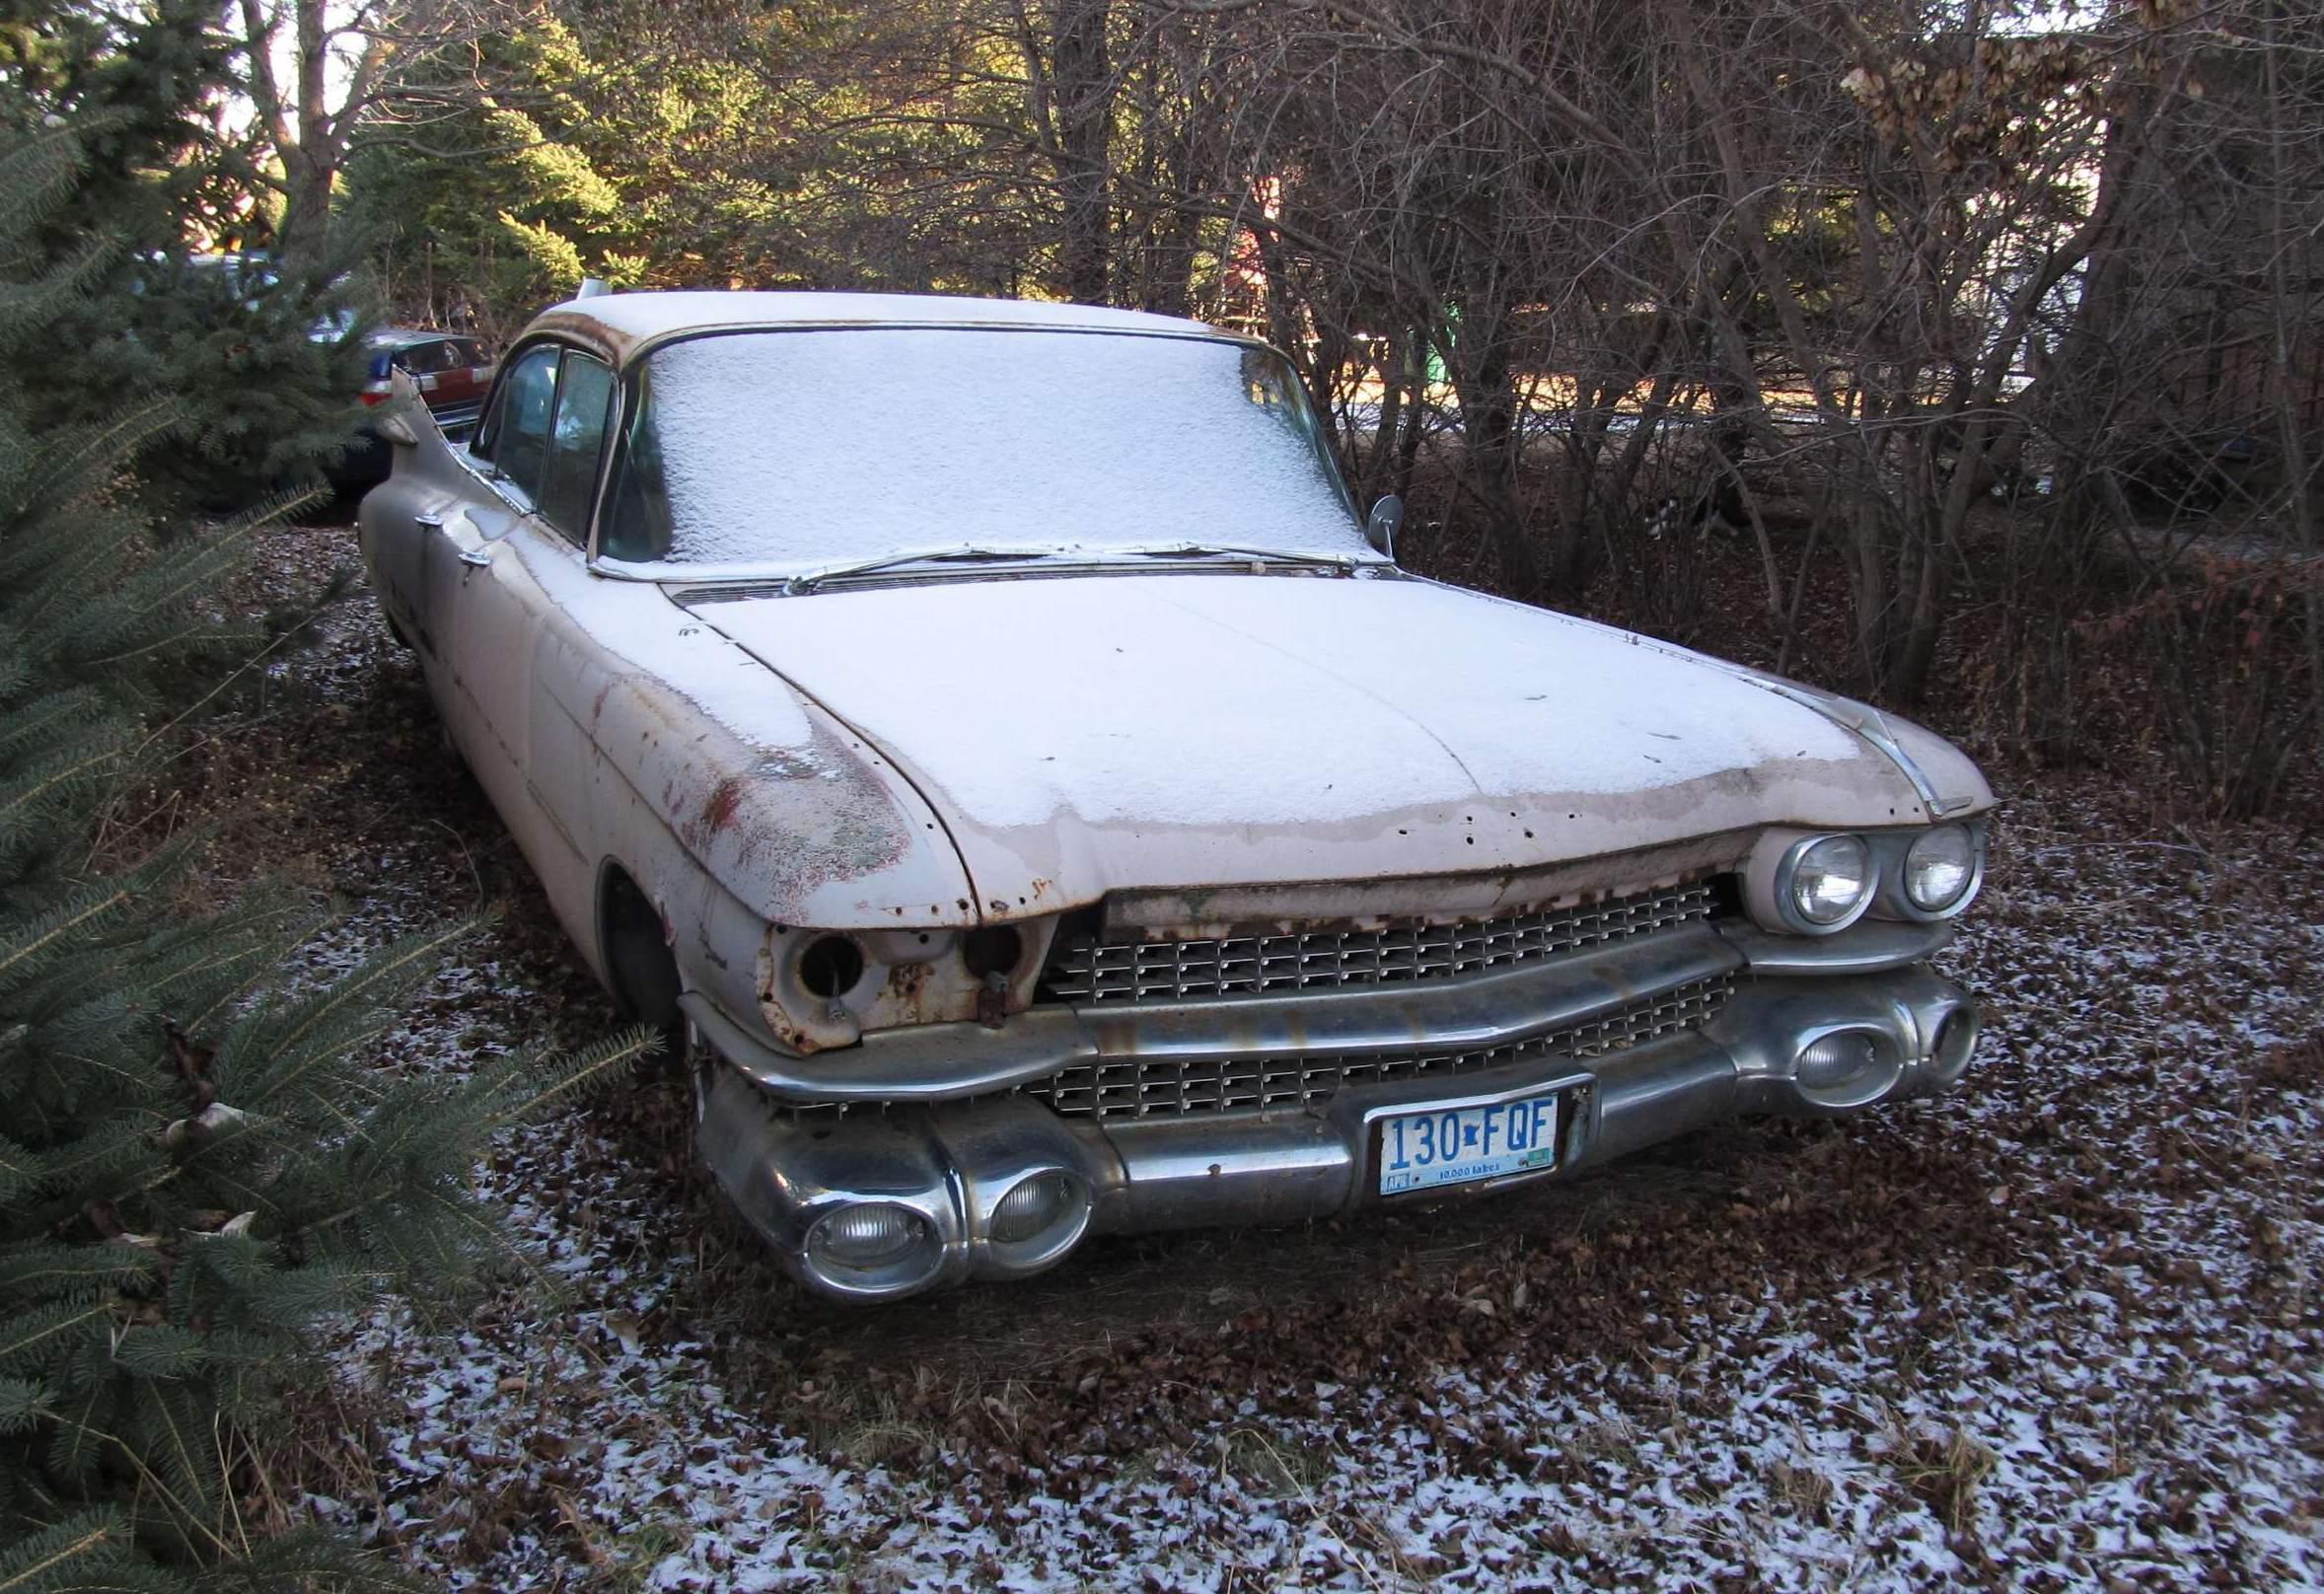 caisses quelles font là...? Cadillac-Eldorado-1959